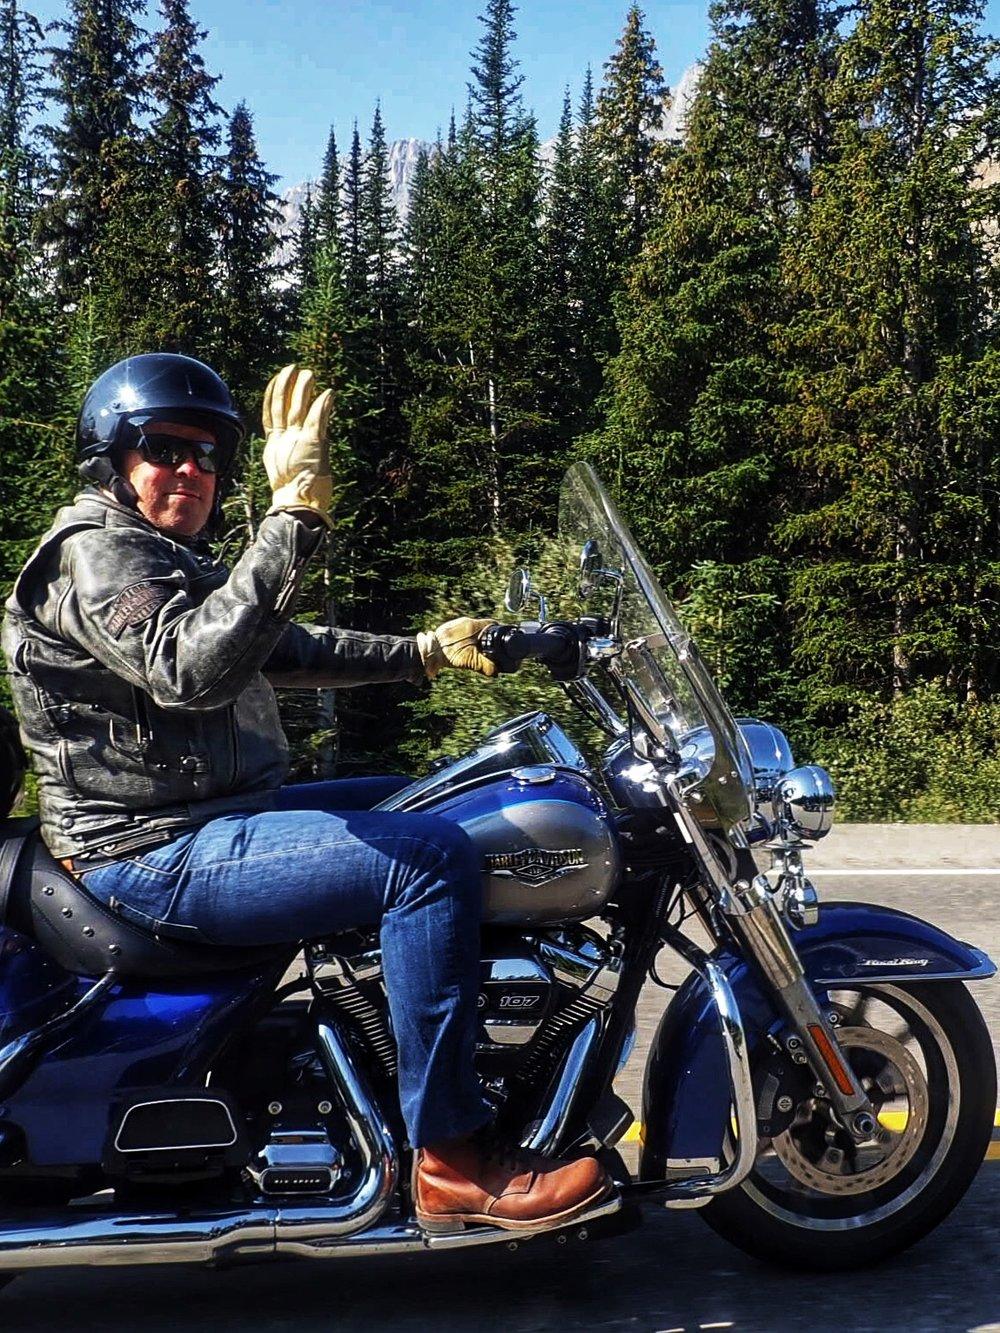 HINTA - • Kuljettaja | 3890€• Matkustaja | 2590€• BMW 1200GS tai vastaava | + 250€• Harley-Davidson | + 250€• 1 hengen huone | +500€